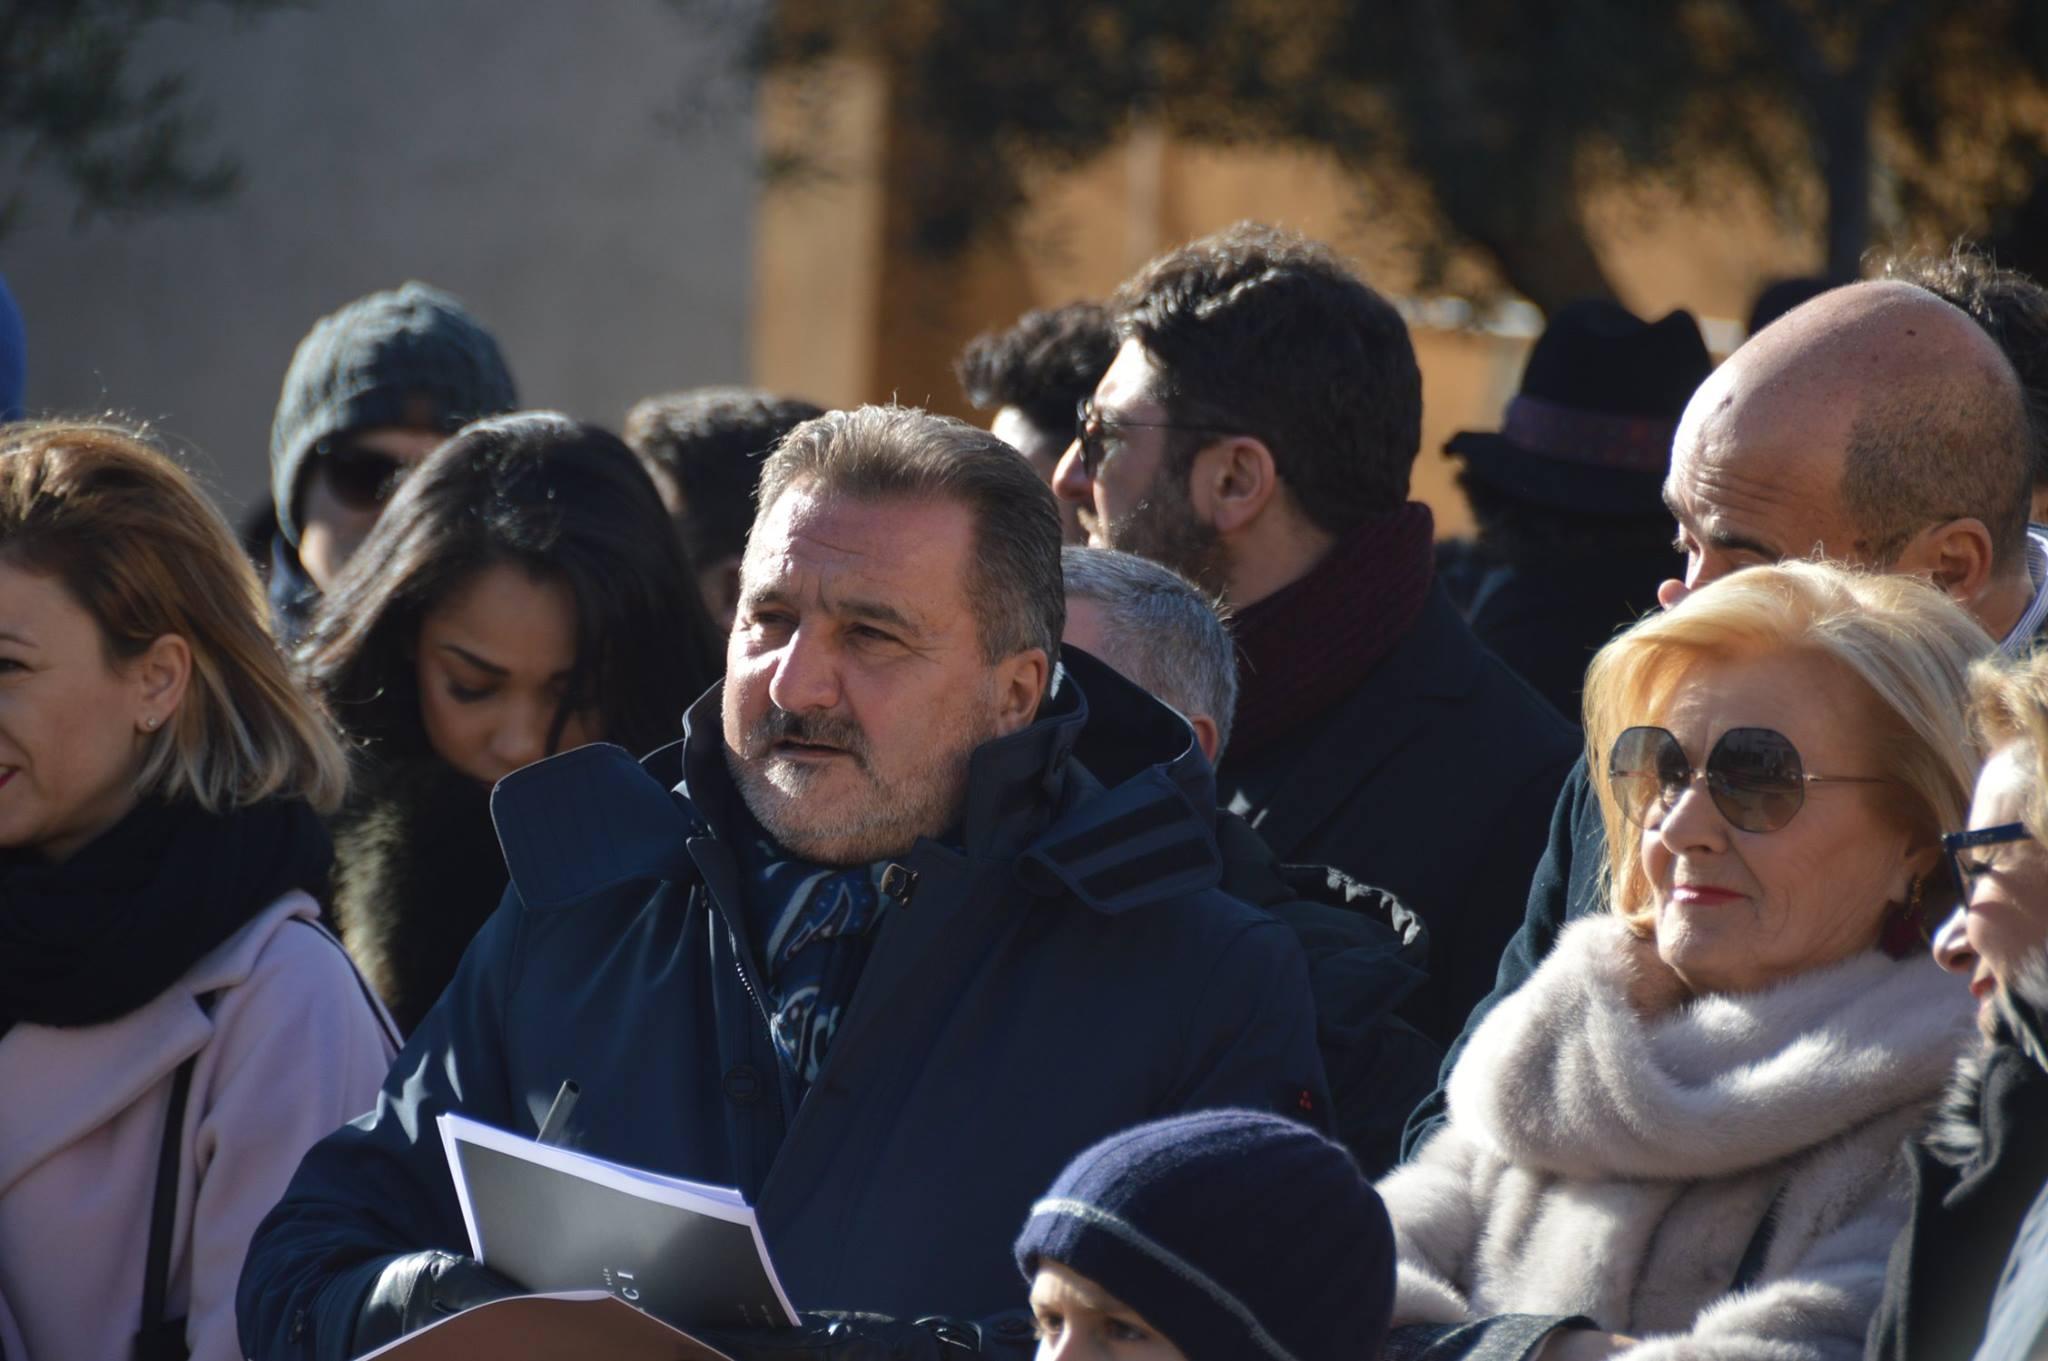 """Viterbo, la proposta: """"Riapriamo le province, sono indispensabili per i cittadini"""", il deciso appello del consigliere Panunzi"""